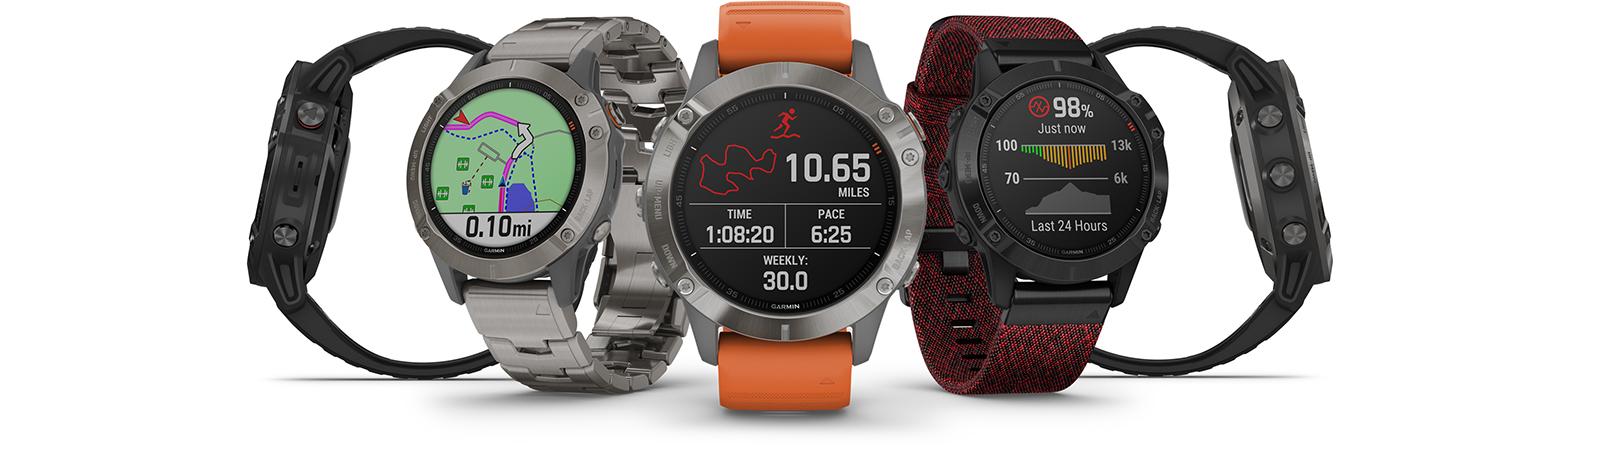 Verzameling van 5 fēnix smartwatches